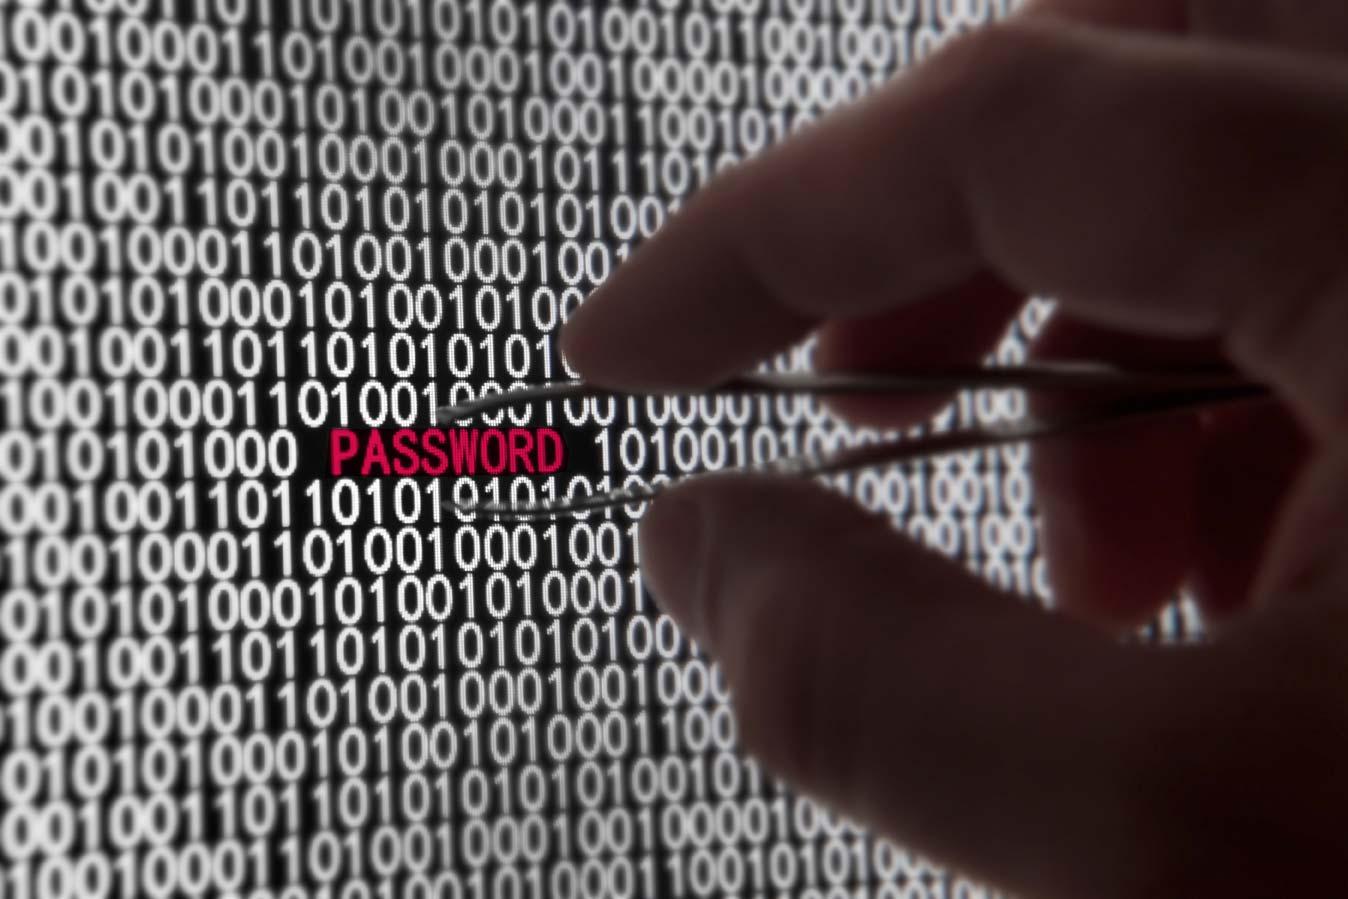 Un meilleur traitement des données machines pour l'amélioration de tâches opérationnelles